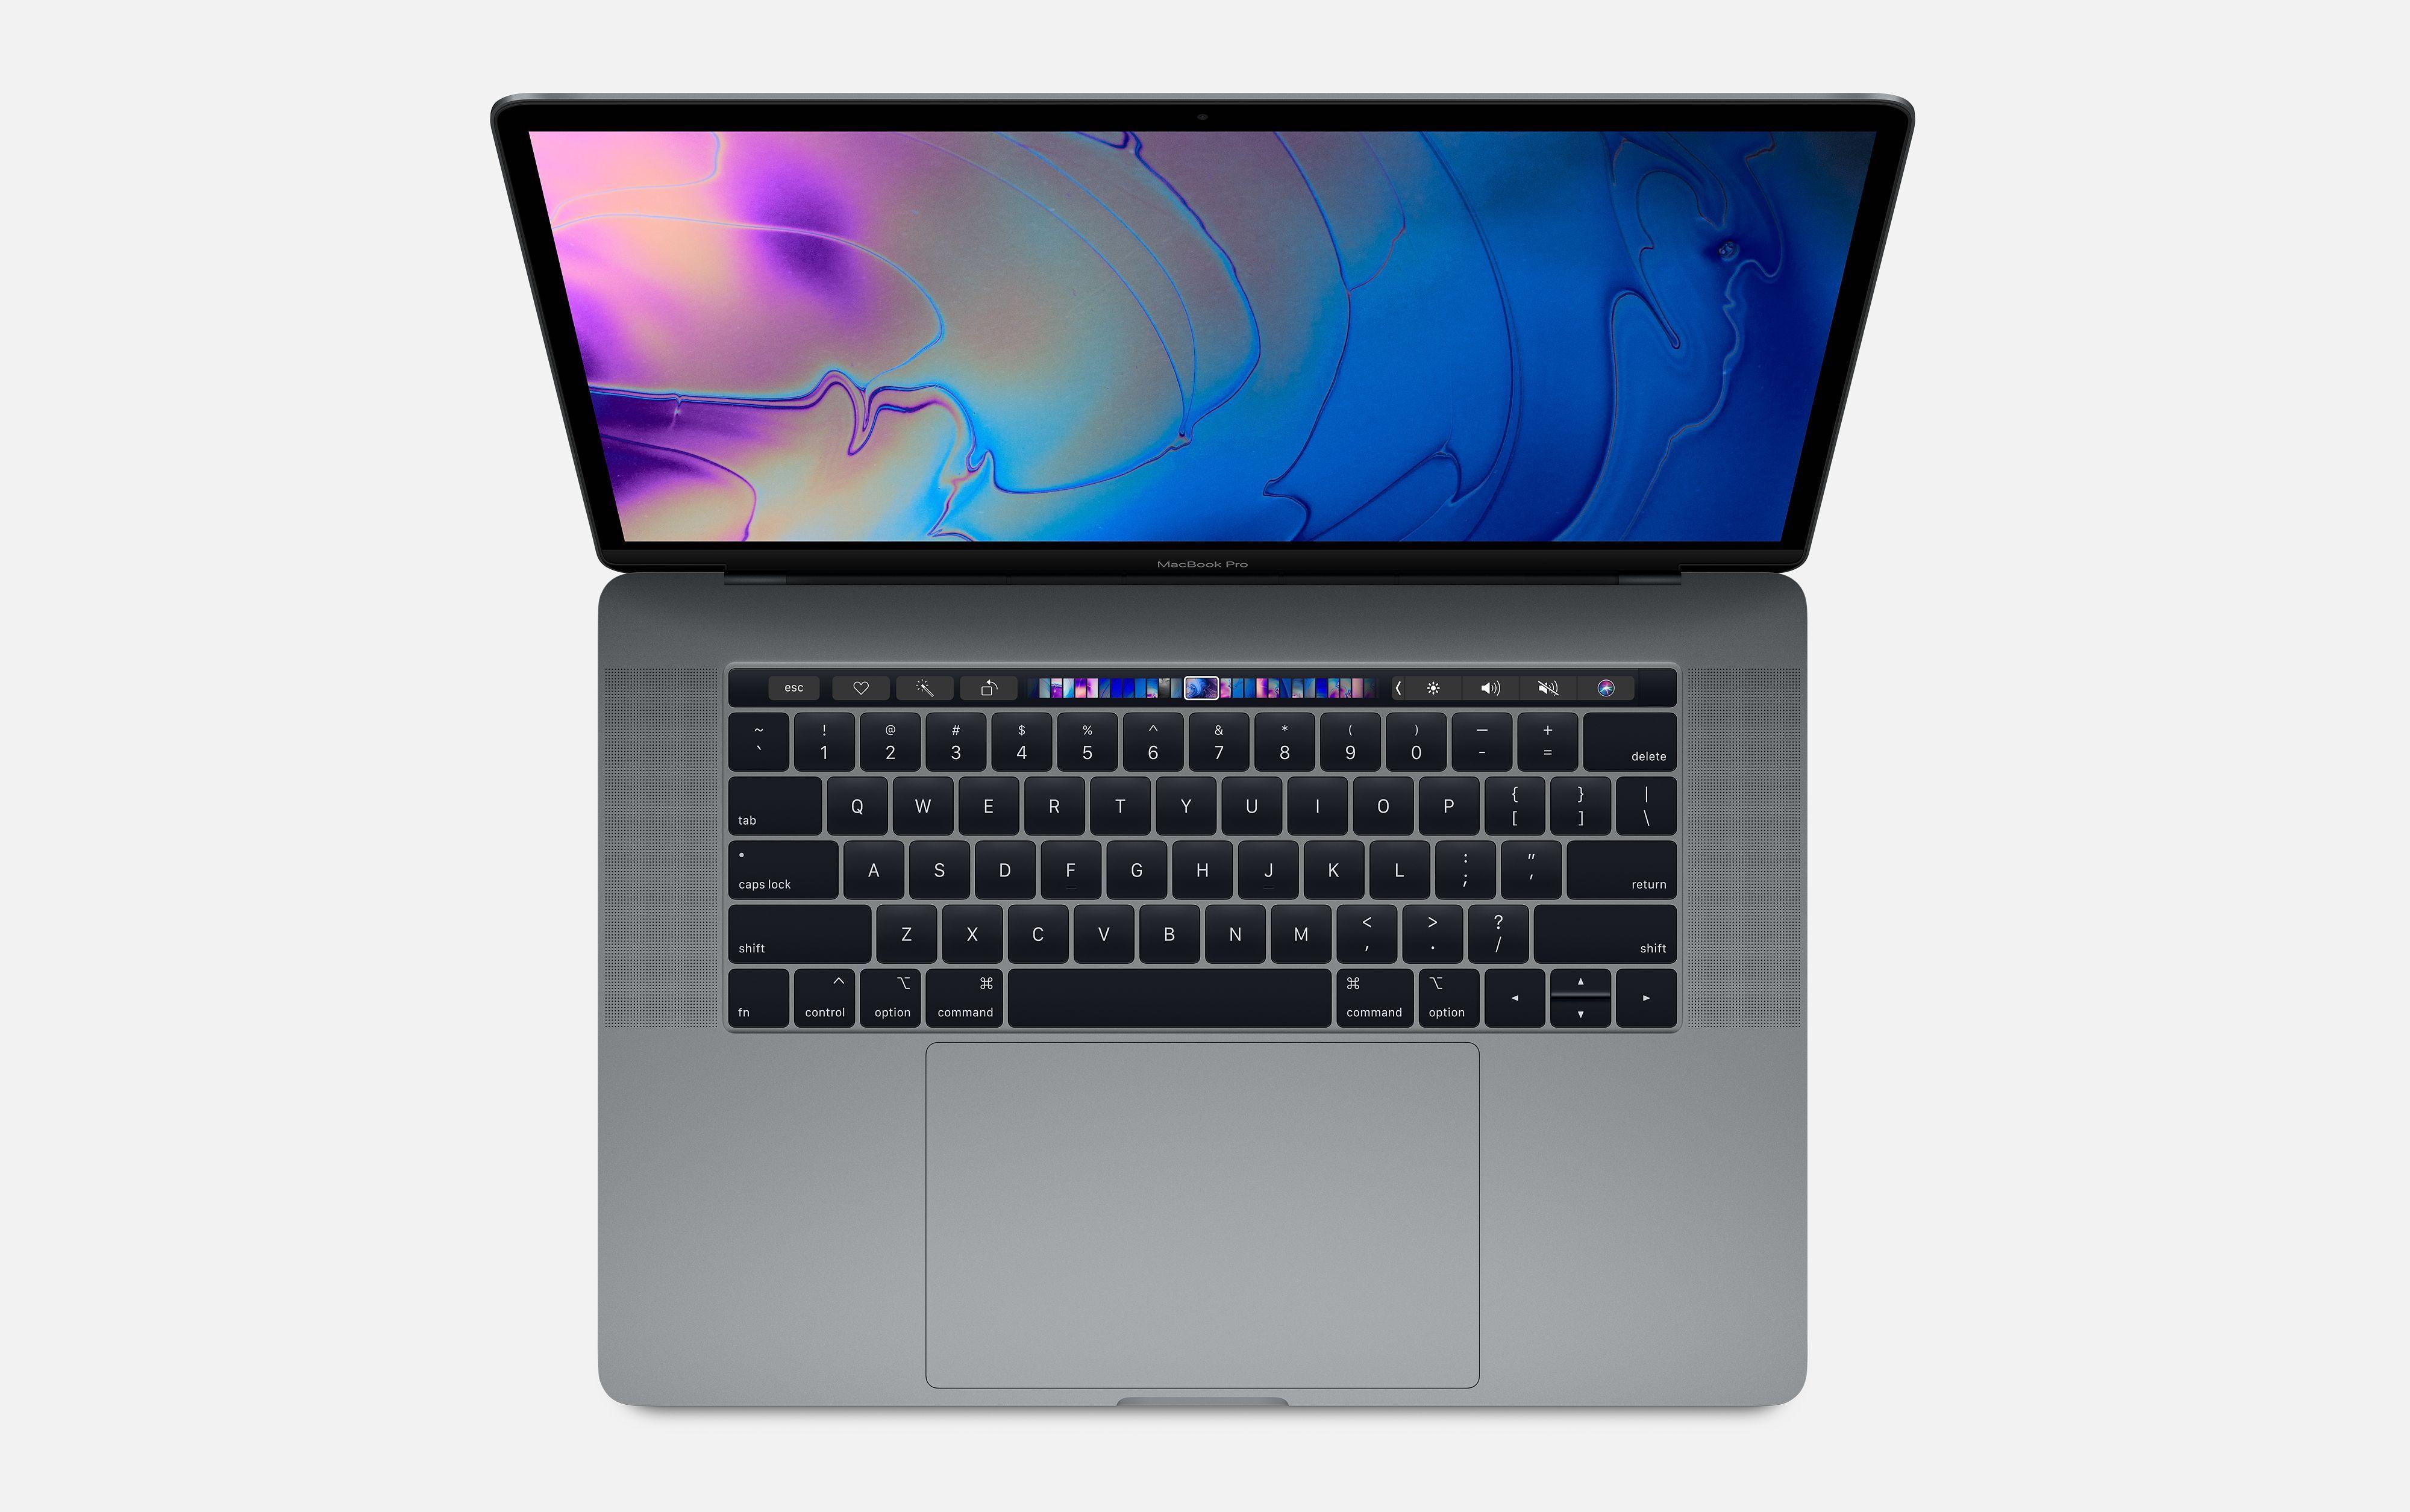 macbook pro 15 2018 - MacBook Pro vs. MacBook Air